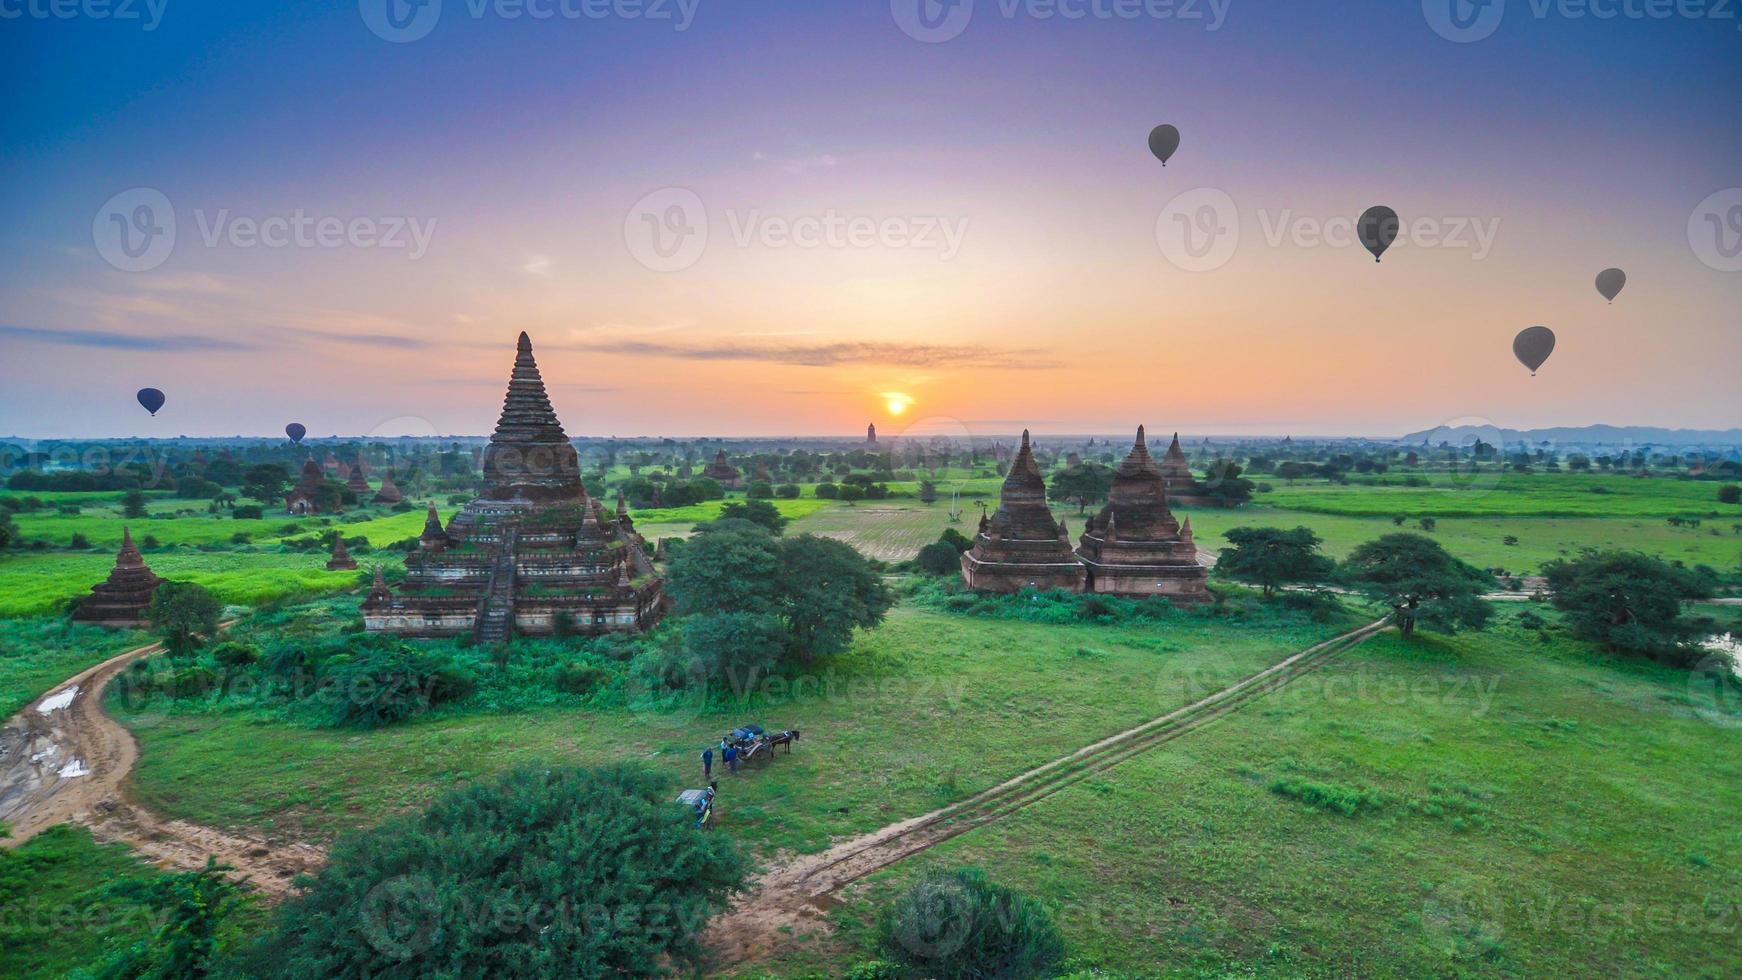 nascer do sol em bagan, myanmar foto